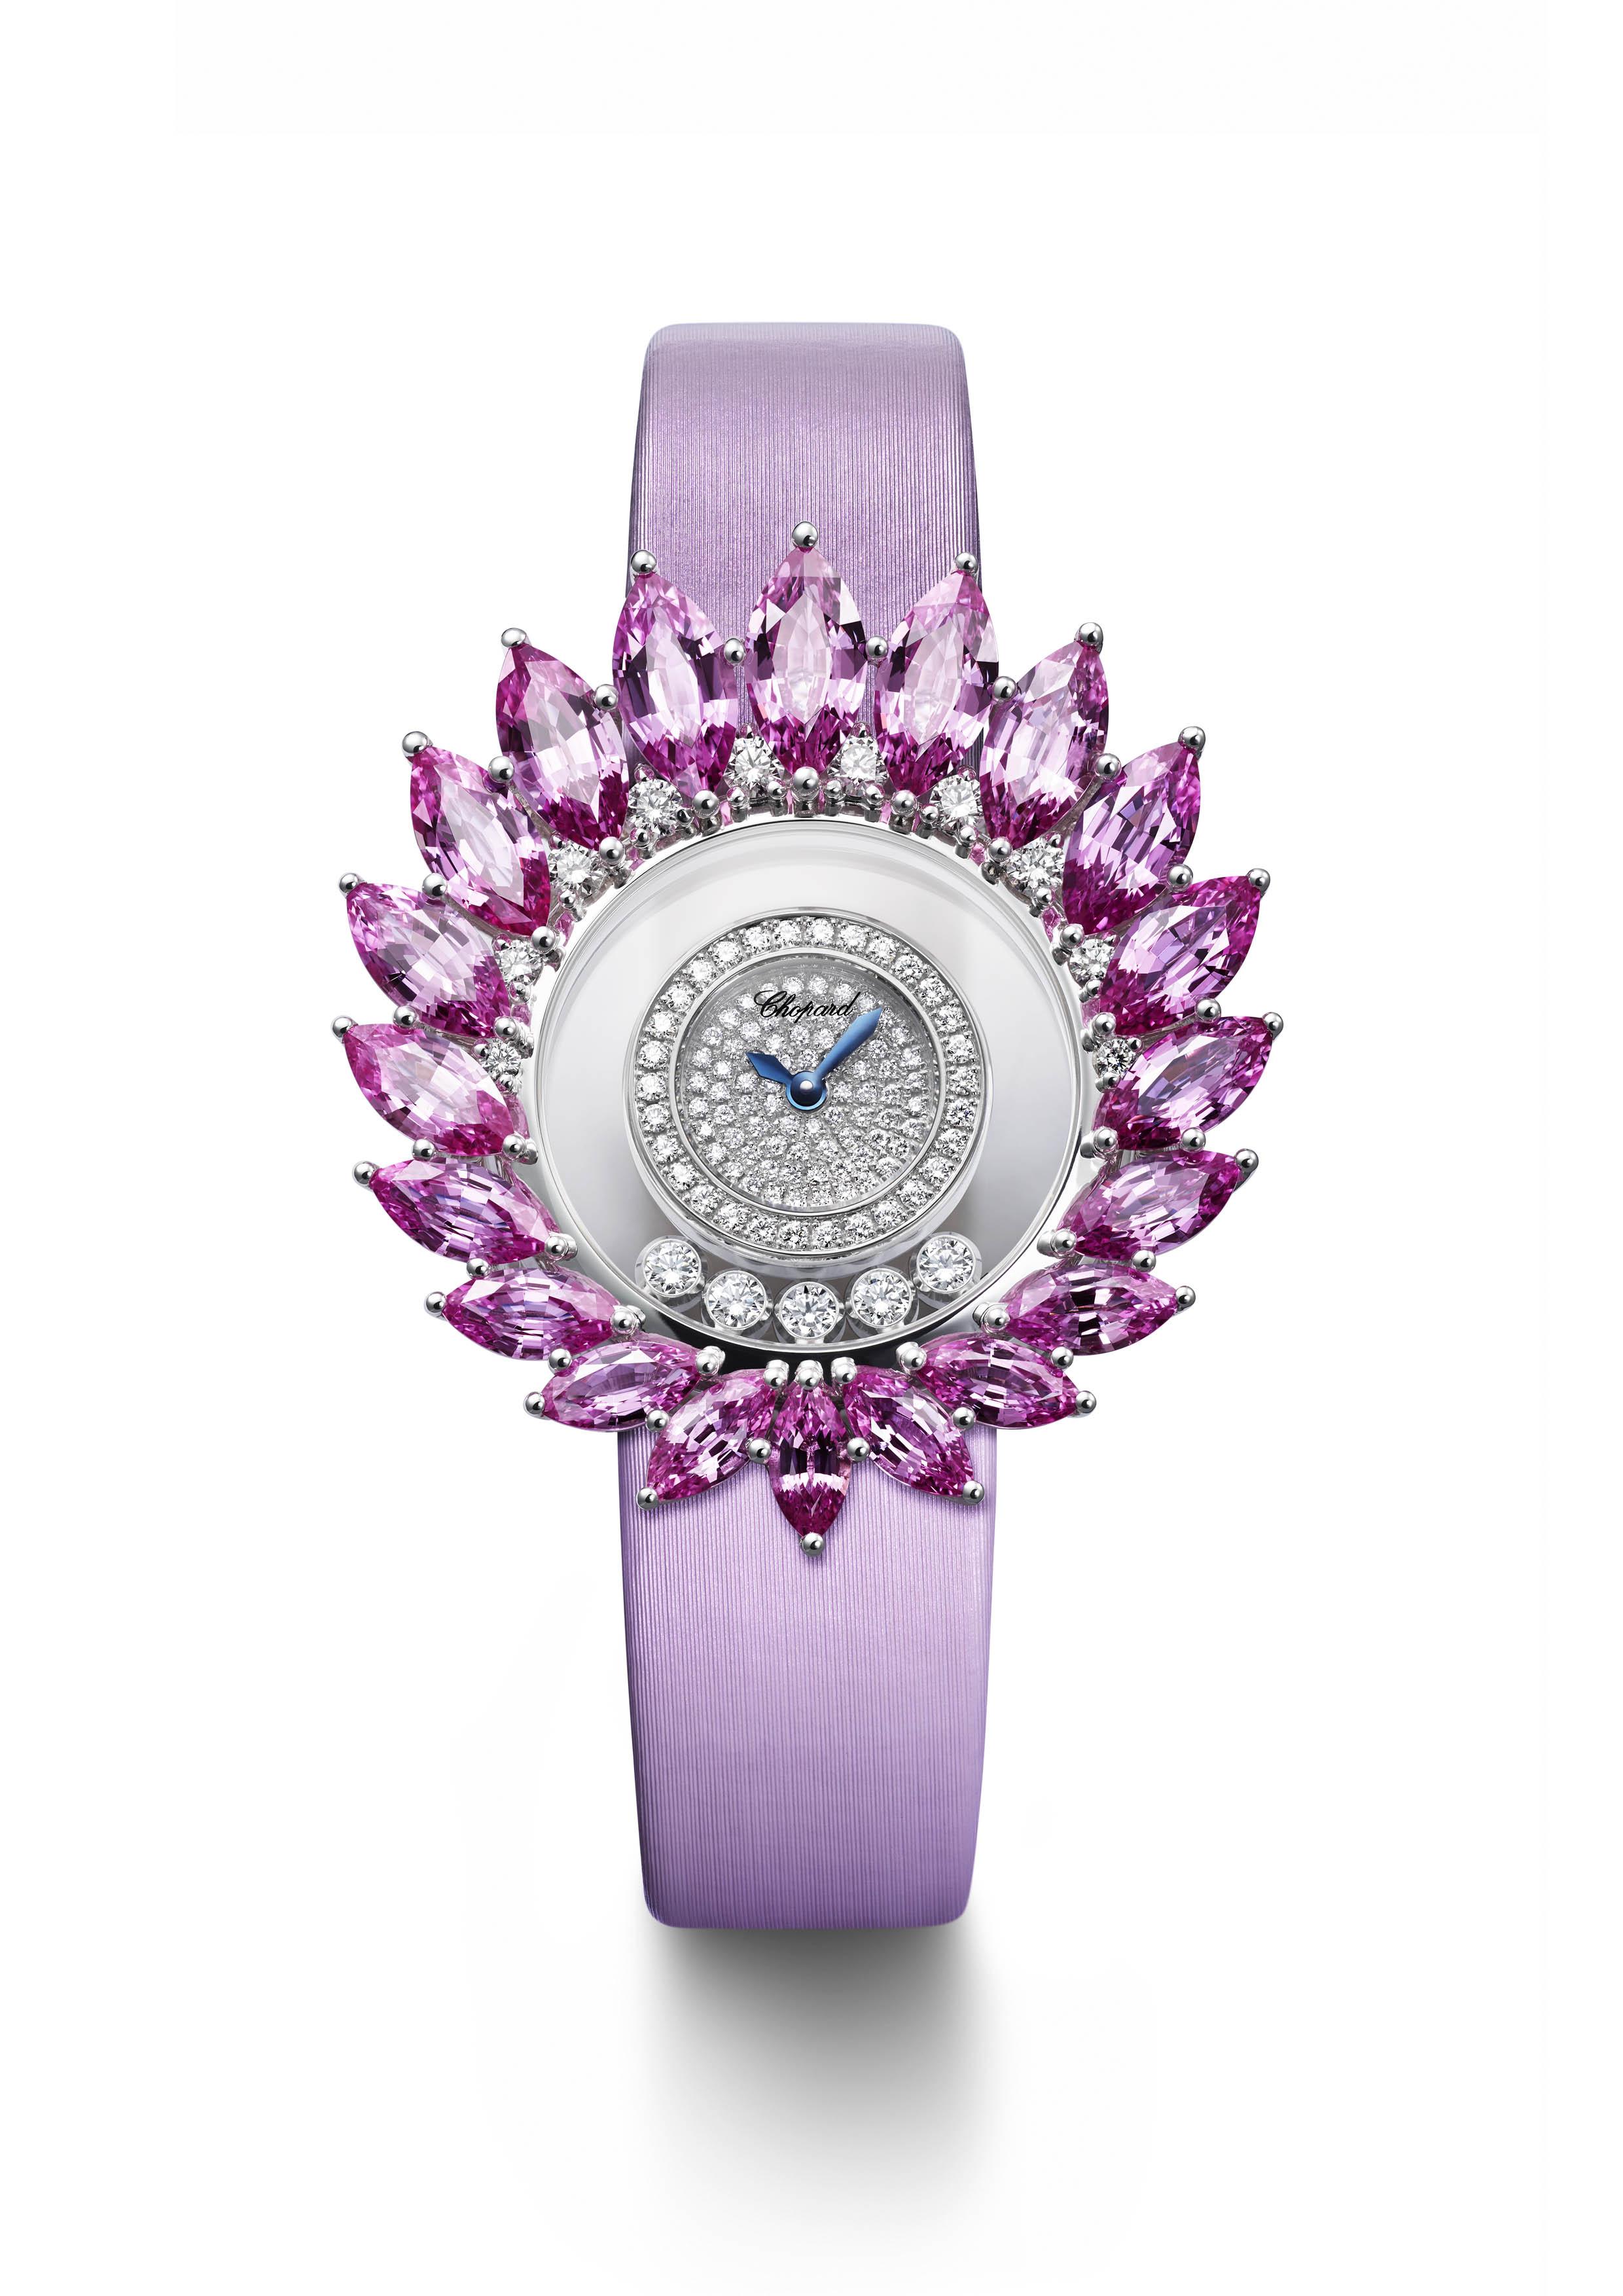 ساعة Haute Joaillerie باللون الوردي من شوبارد Chopard